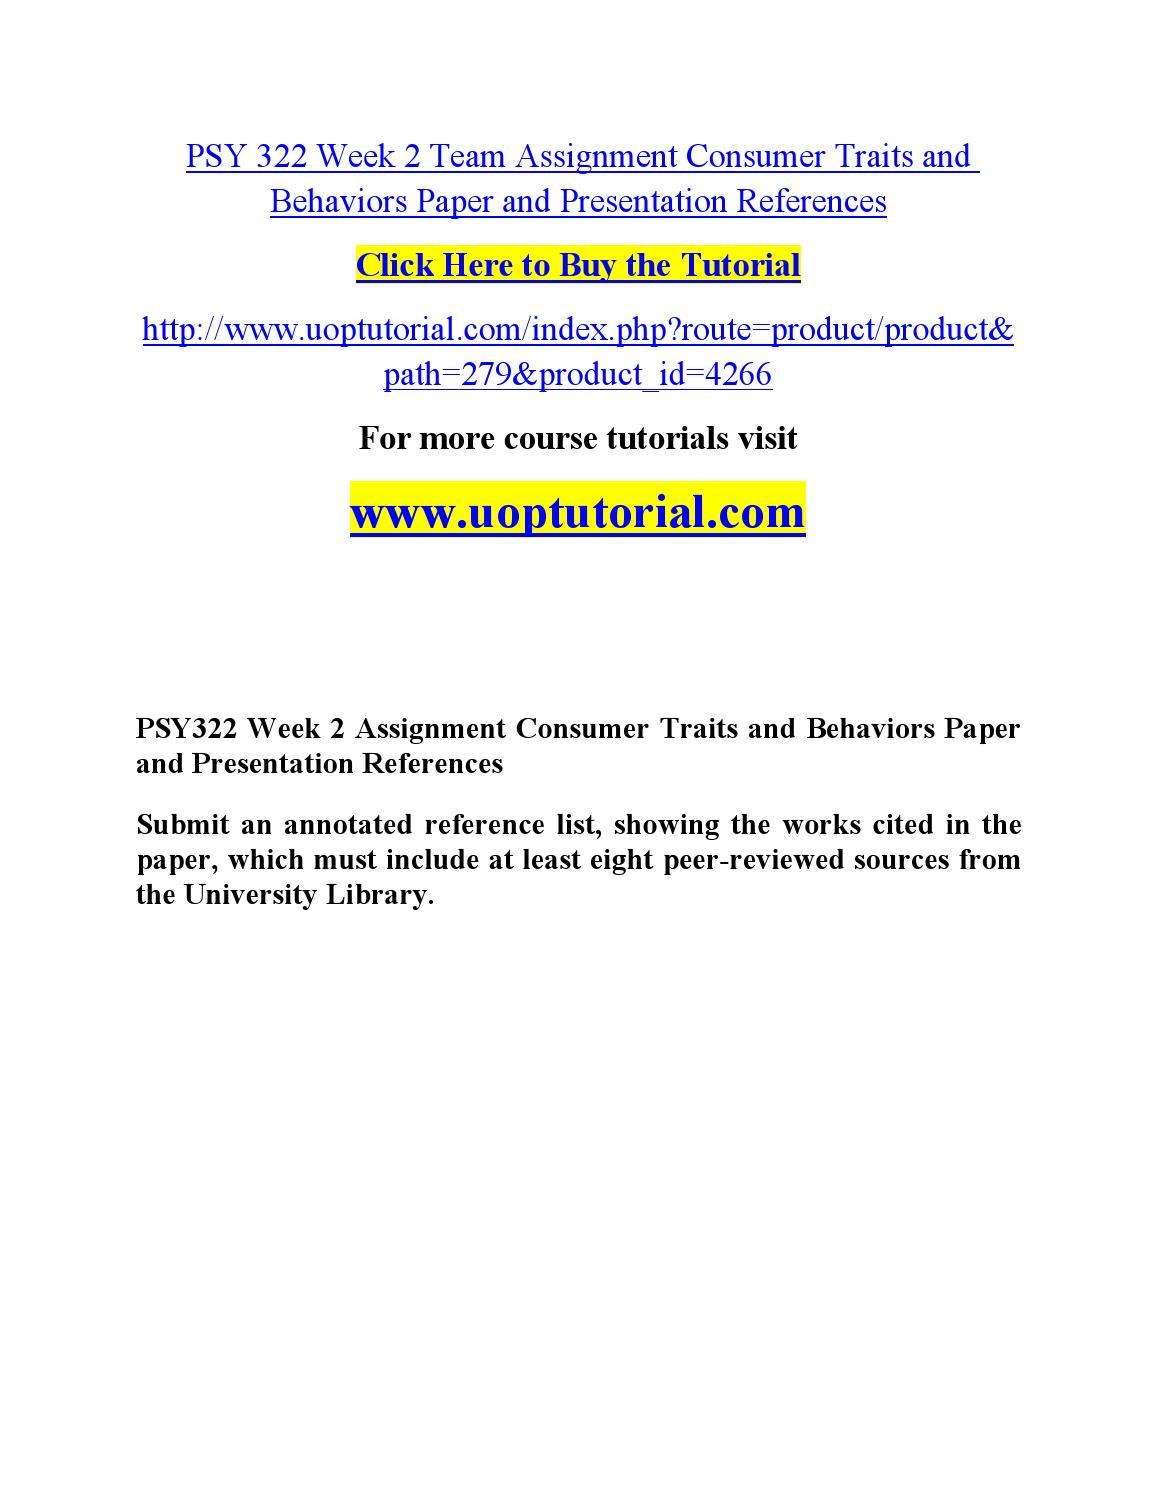 FIN 571 NERD Technology levels / fin571nerd.com - PowerPoint PPT Presentation